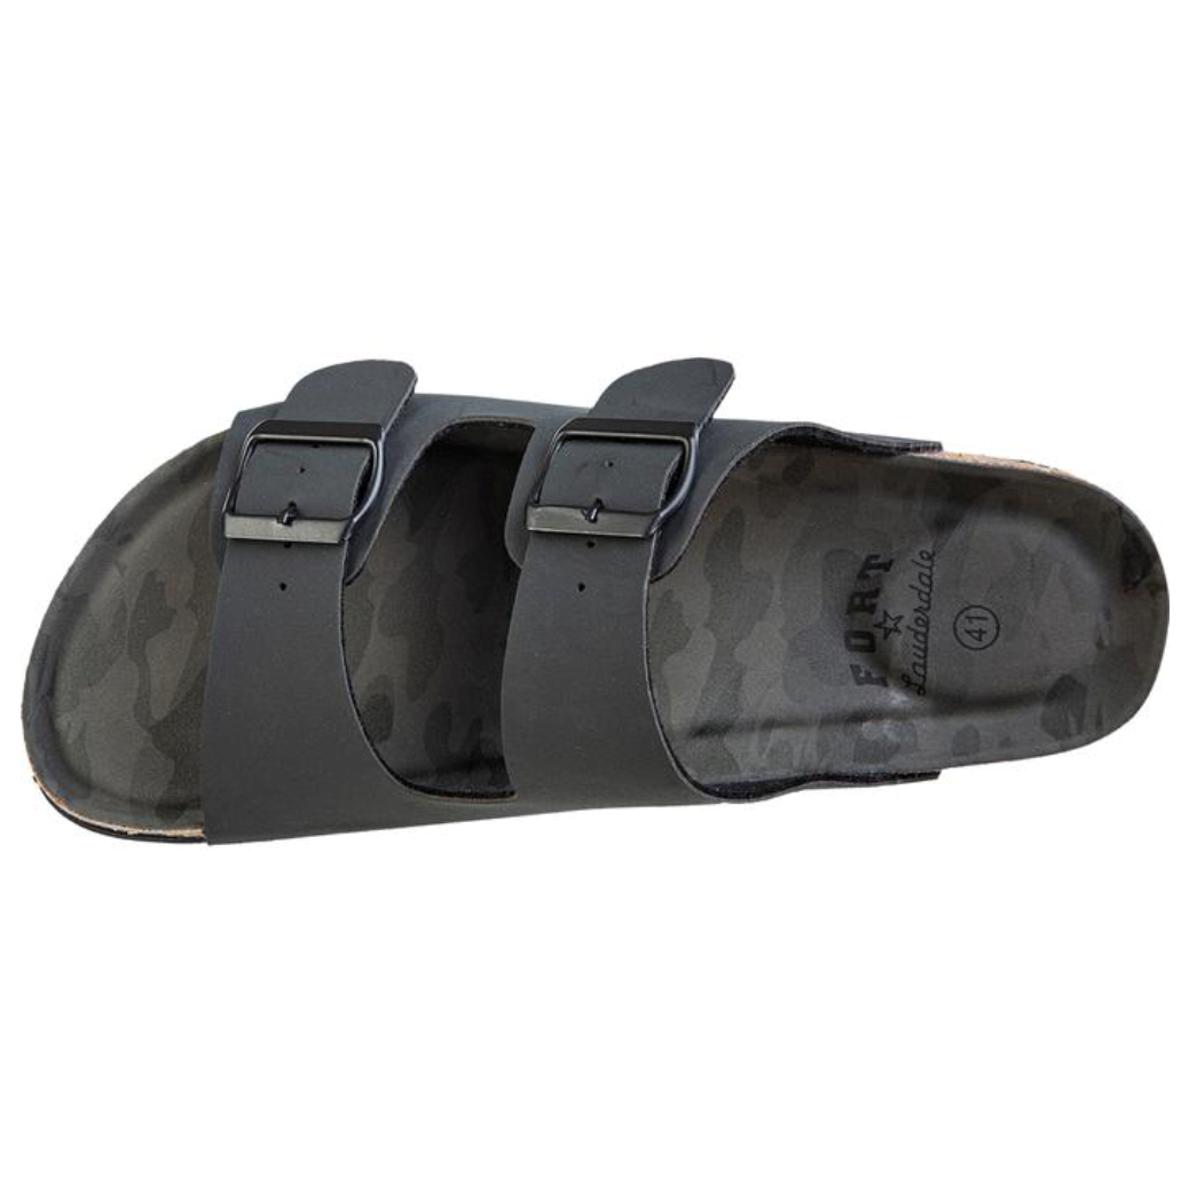 Bilde av Fort Lauderdale Bao M Cork Sandal 1001 Black